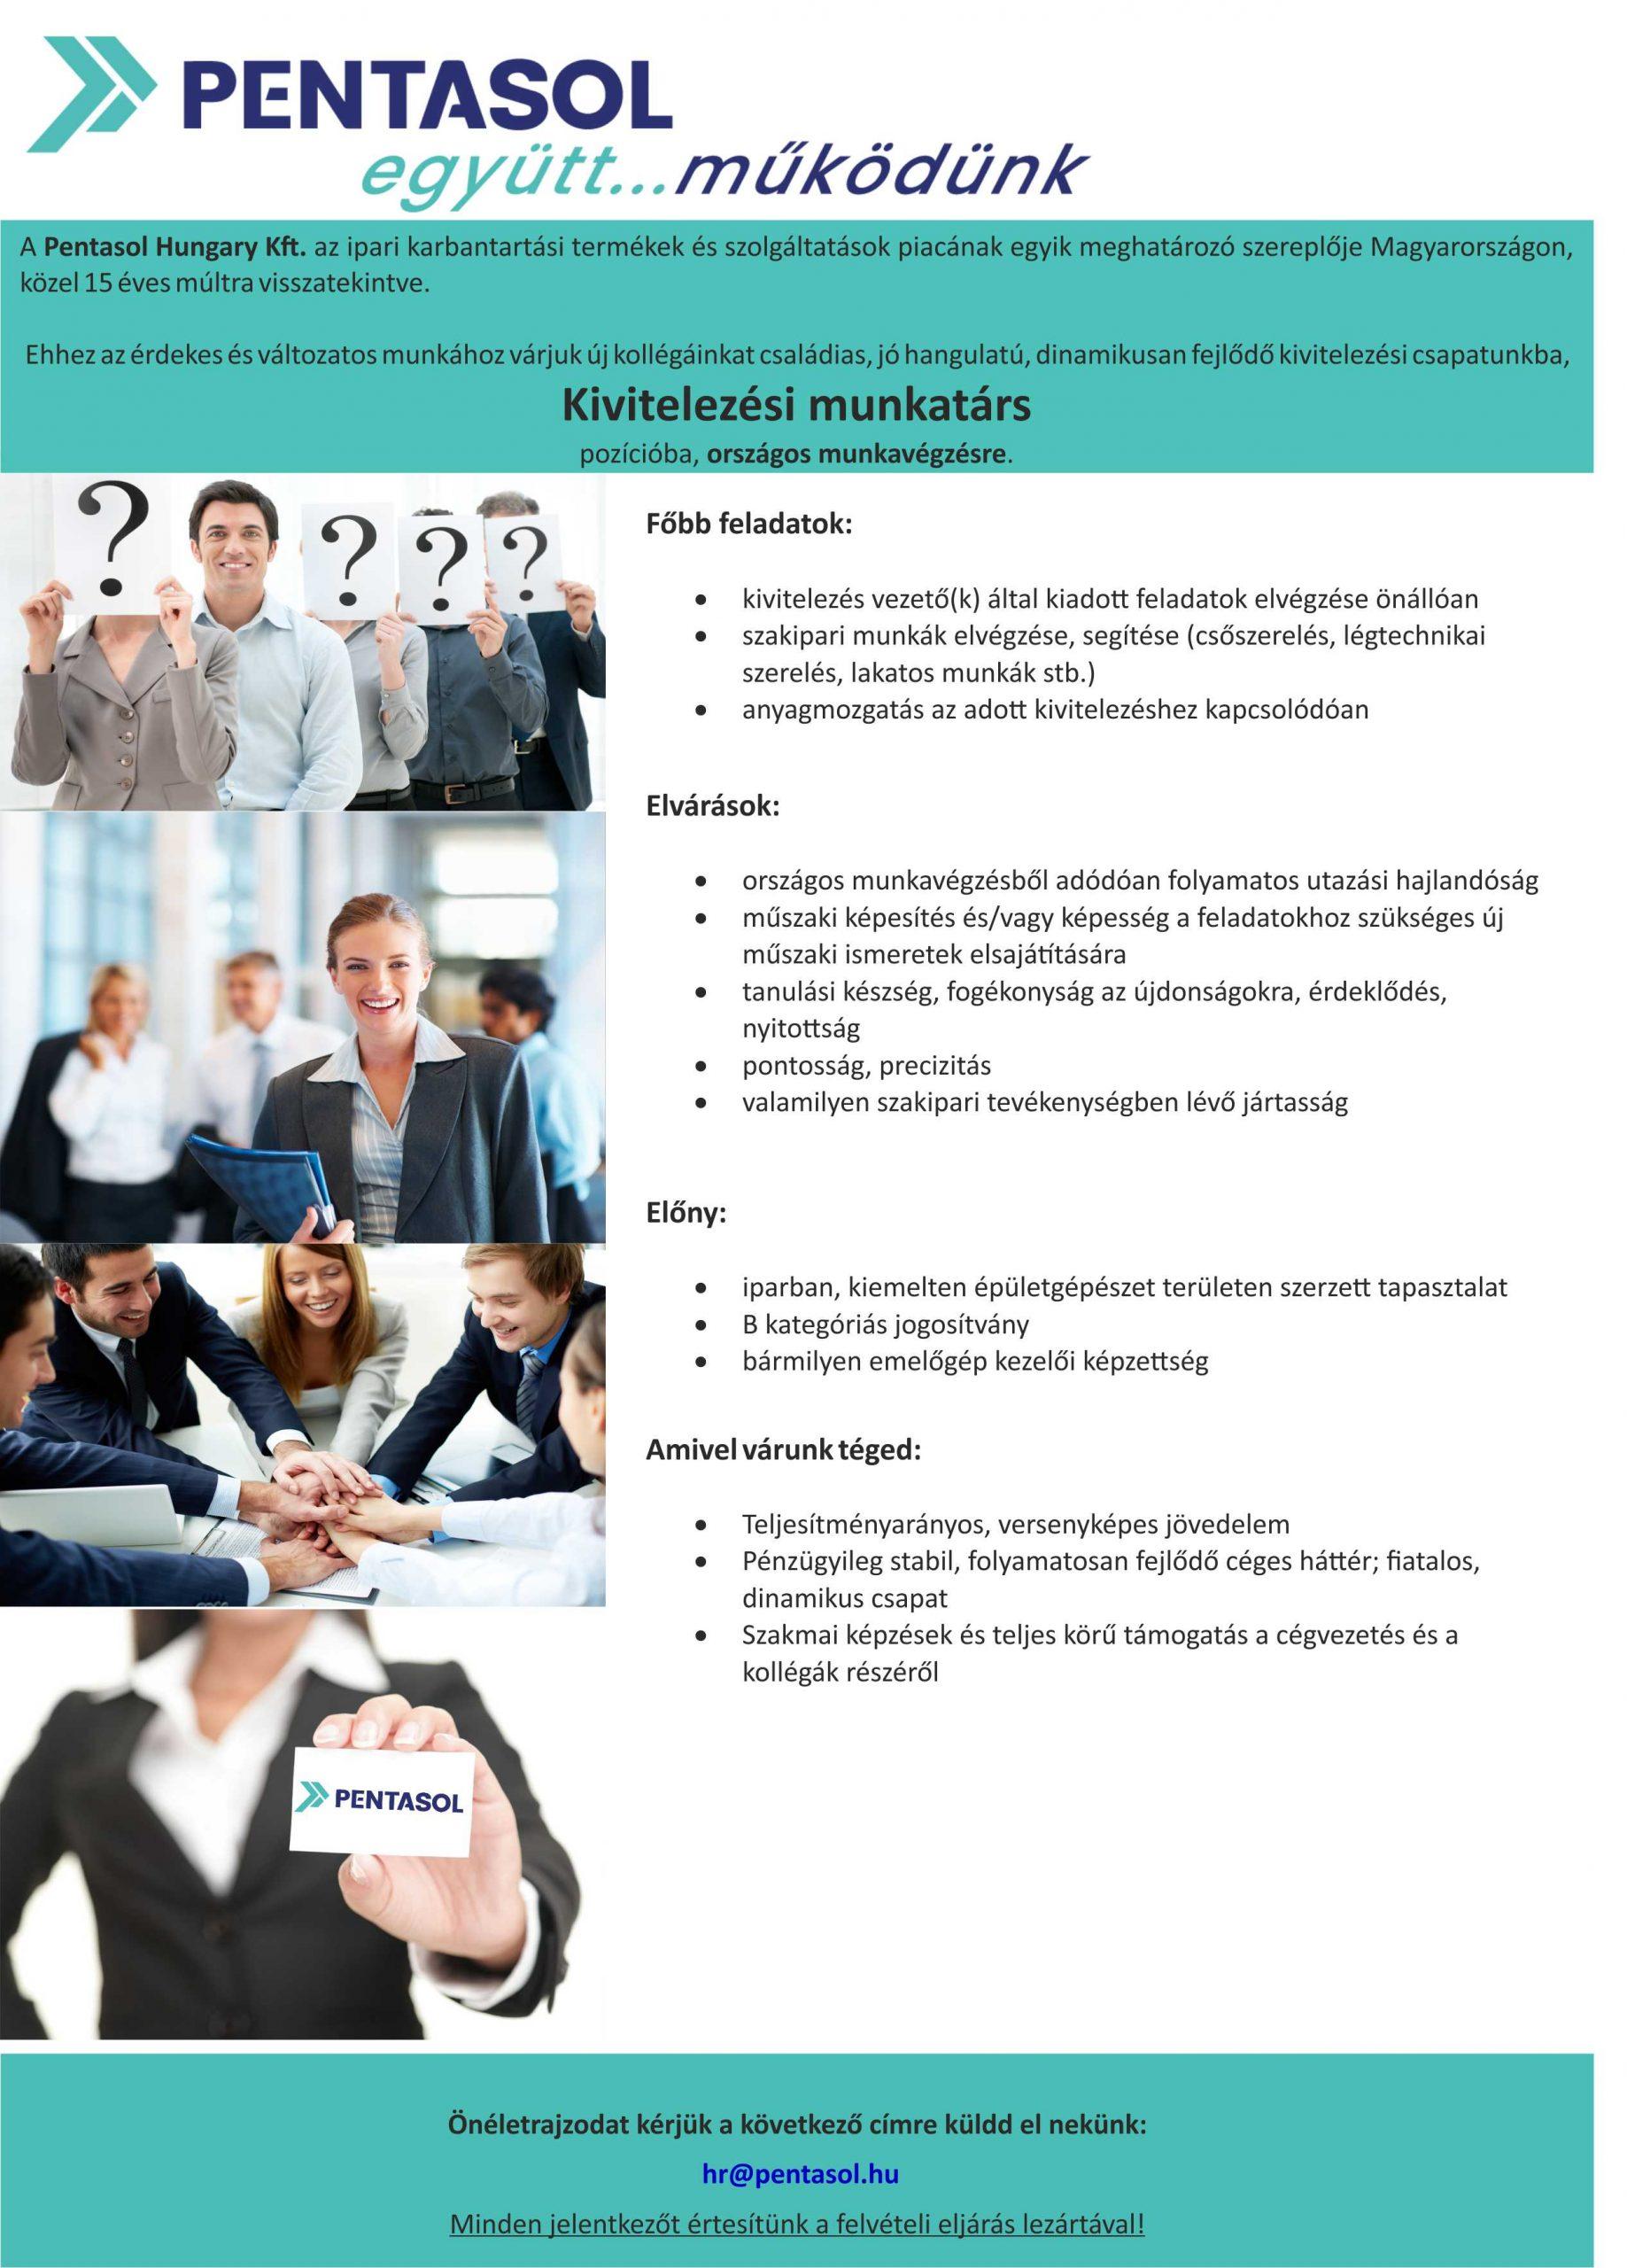 Kivitelezési munkatársat keresünk